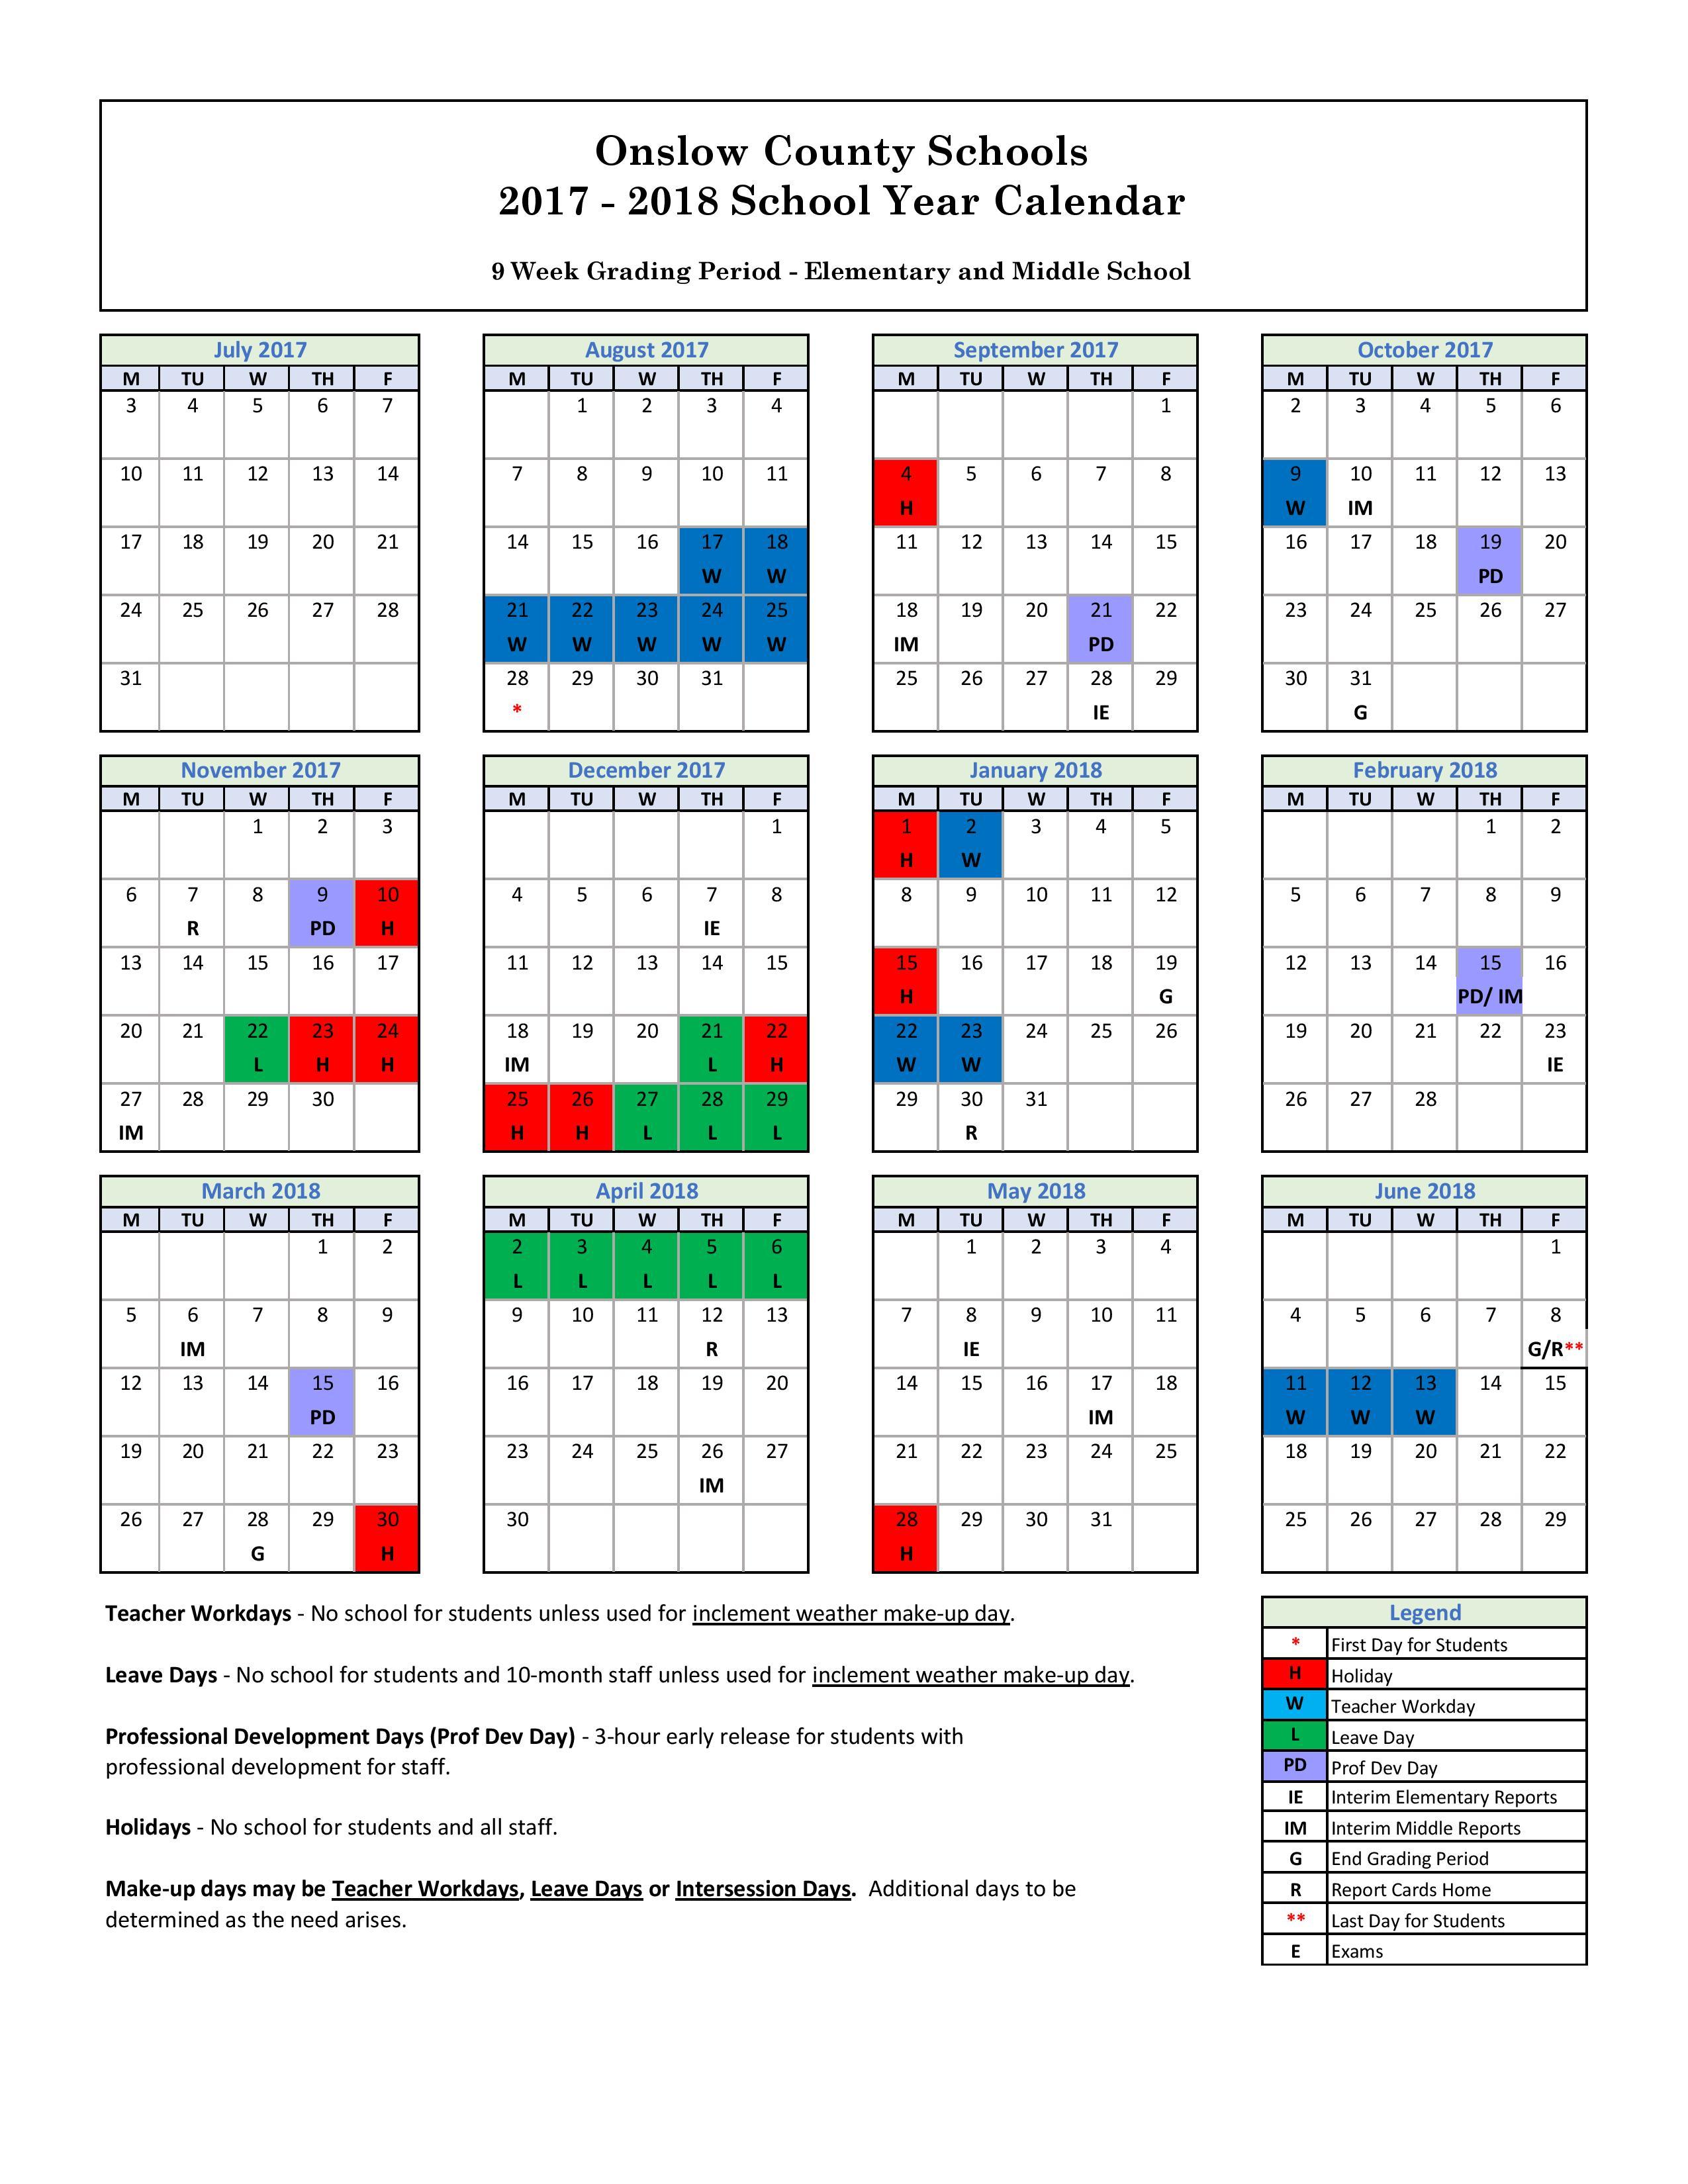 Year Round Calendar Durham Public Schools : Elementary school calendar